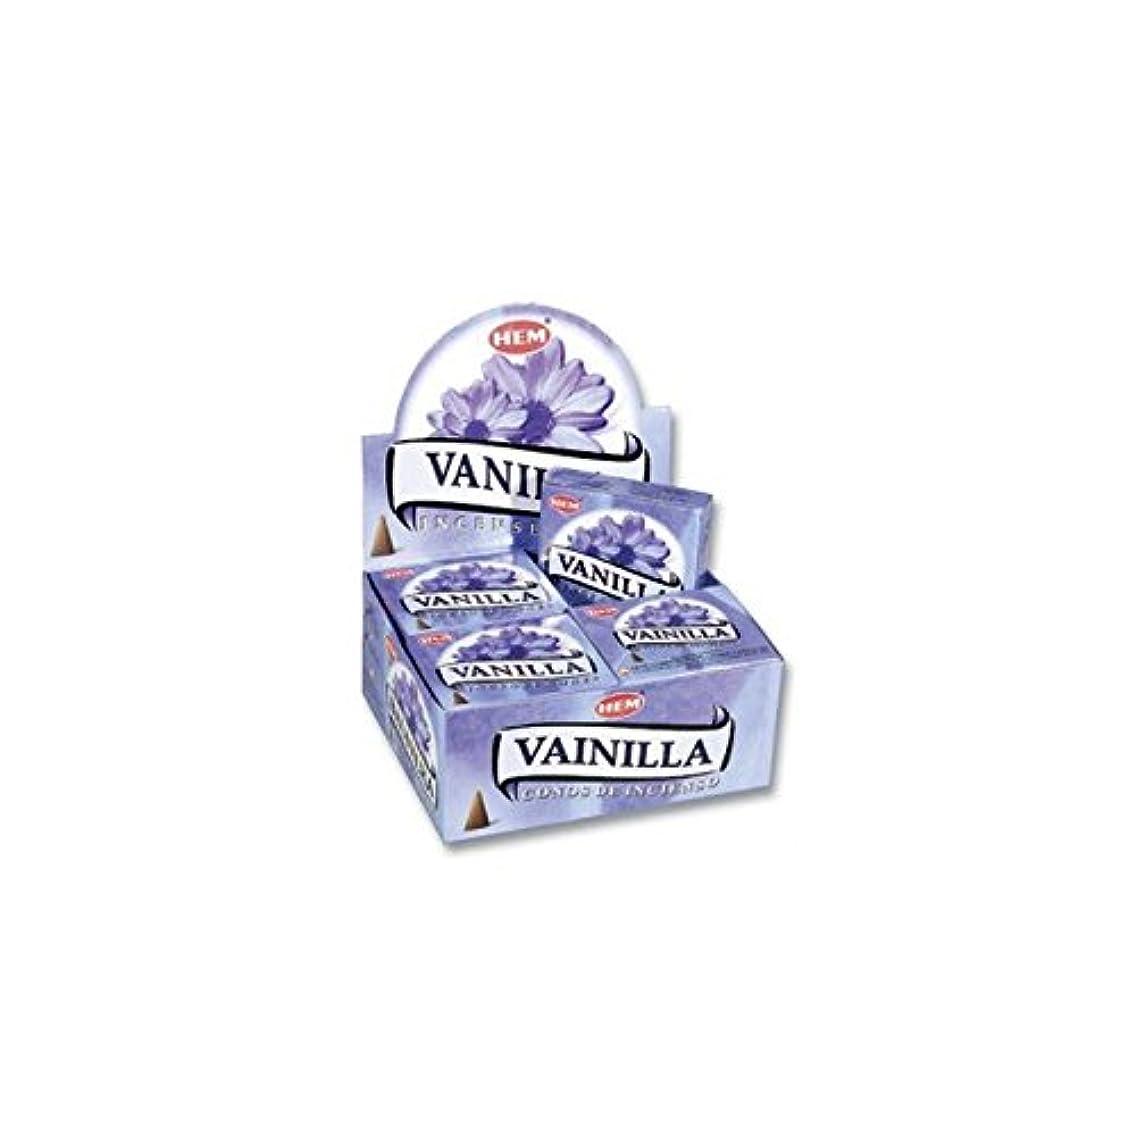 メドレー司令官パーツHEM お香 バニラ(VANILLA) コーンタイプ 1ケース(12箱入り) HEMお香